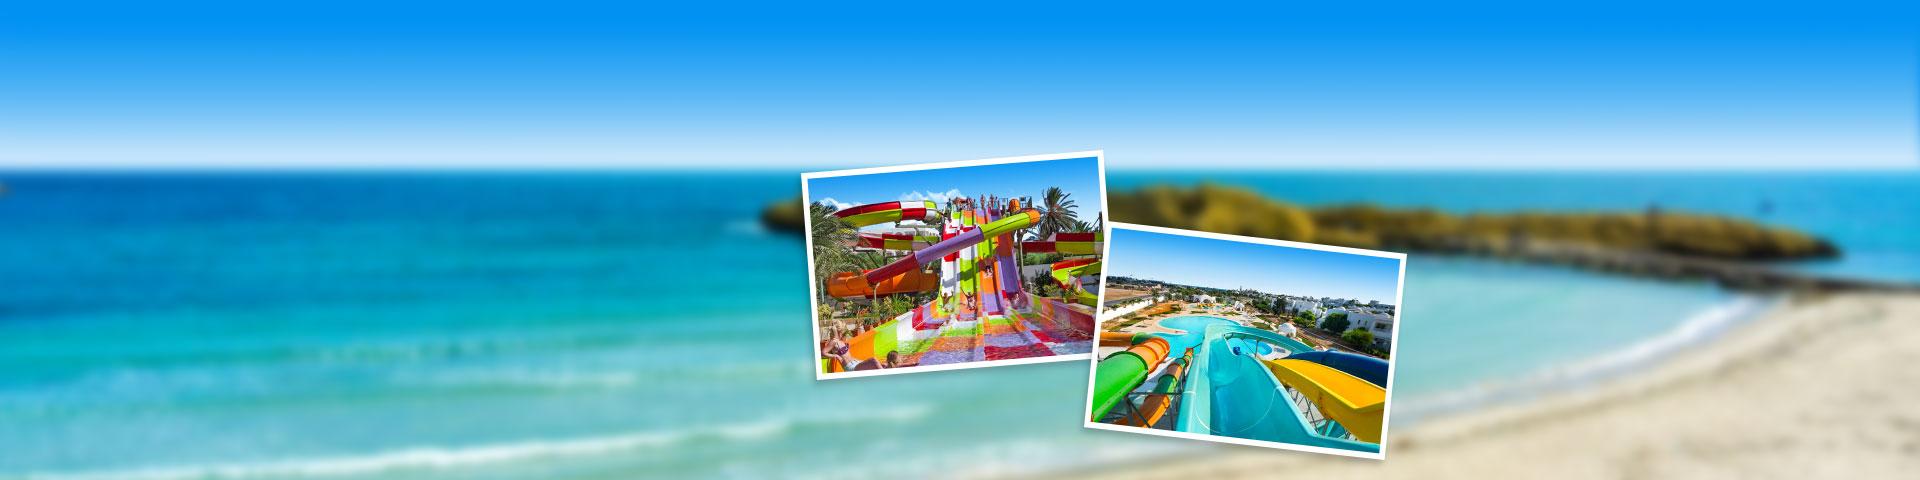 Hotel met waterpark in Tunesië